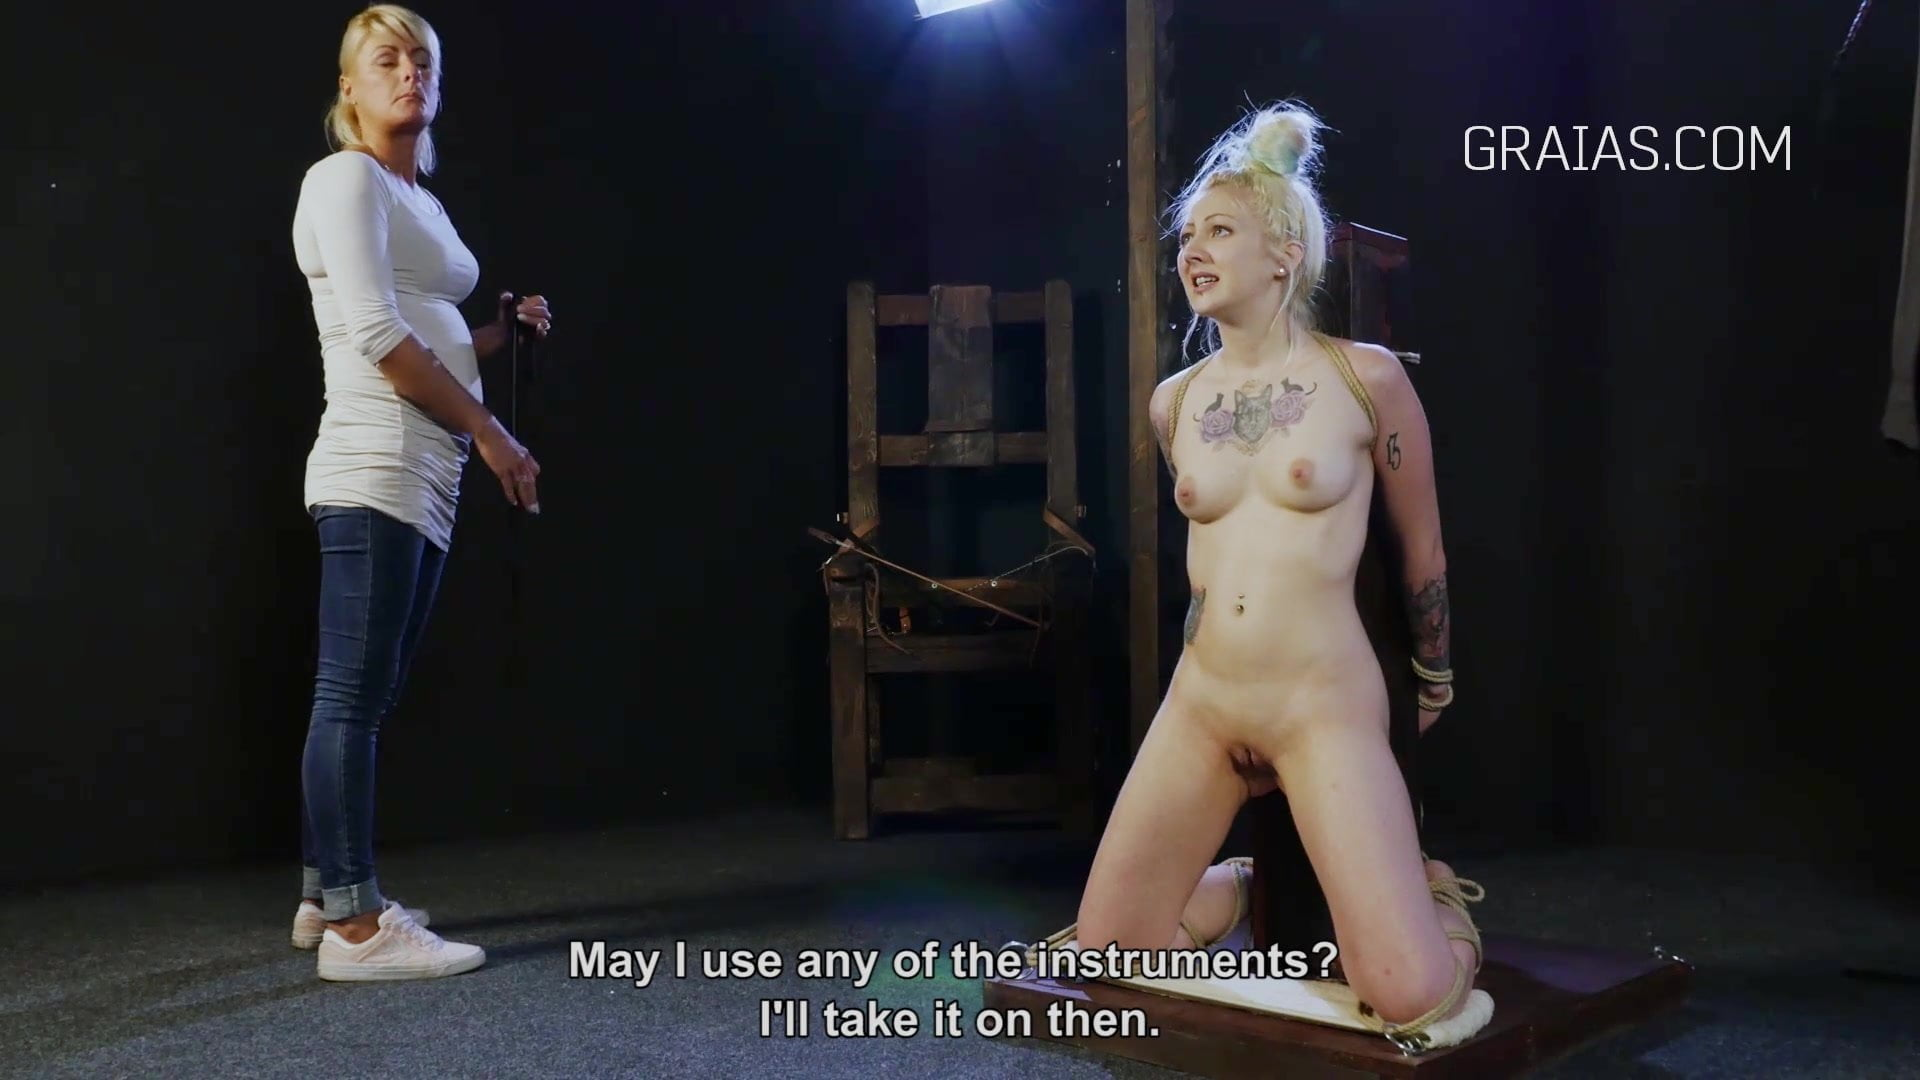 opinion, lie. small tits slut masturbate cock and interracial congratulate, your idea brilliant